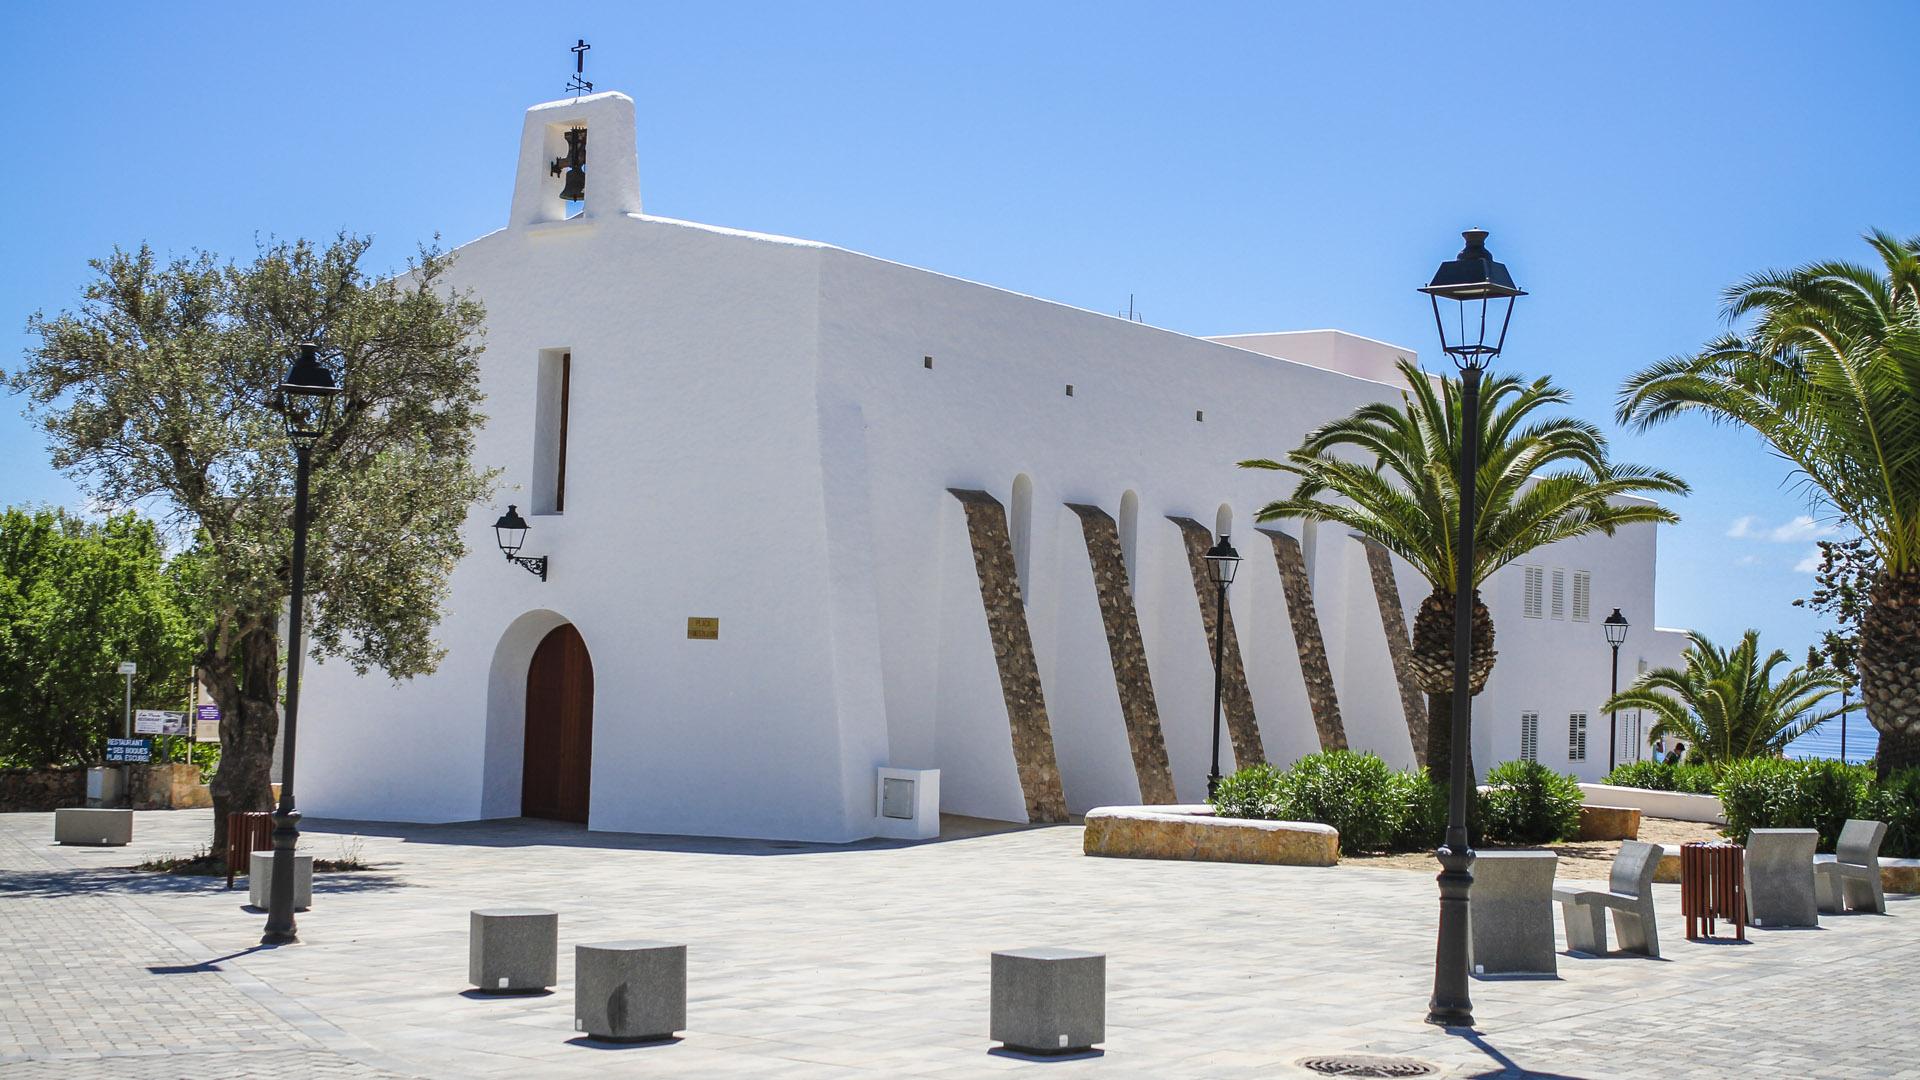 Imagen Iglesia Mare de Déu del Carme (Iglesia de Es Cubells)